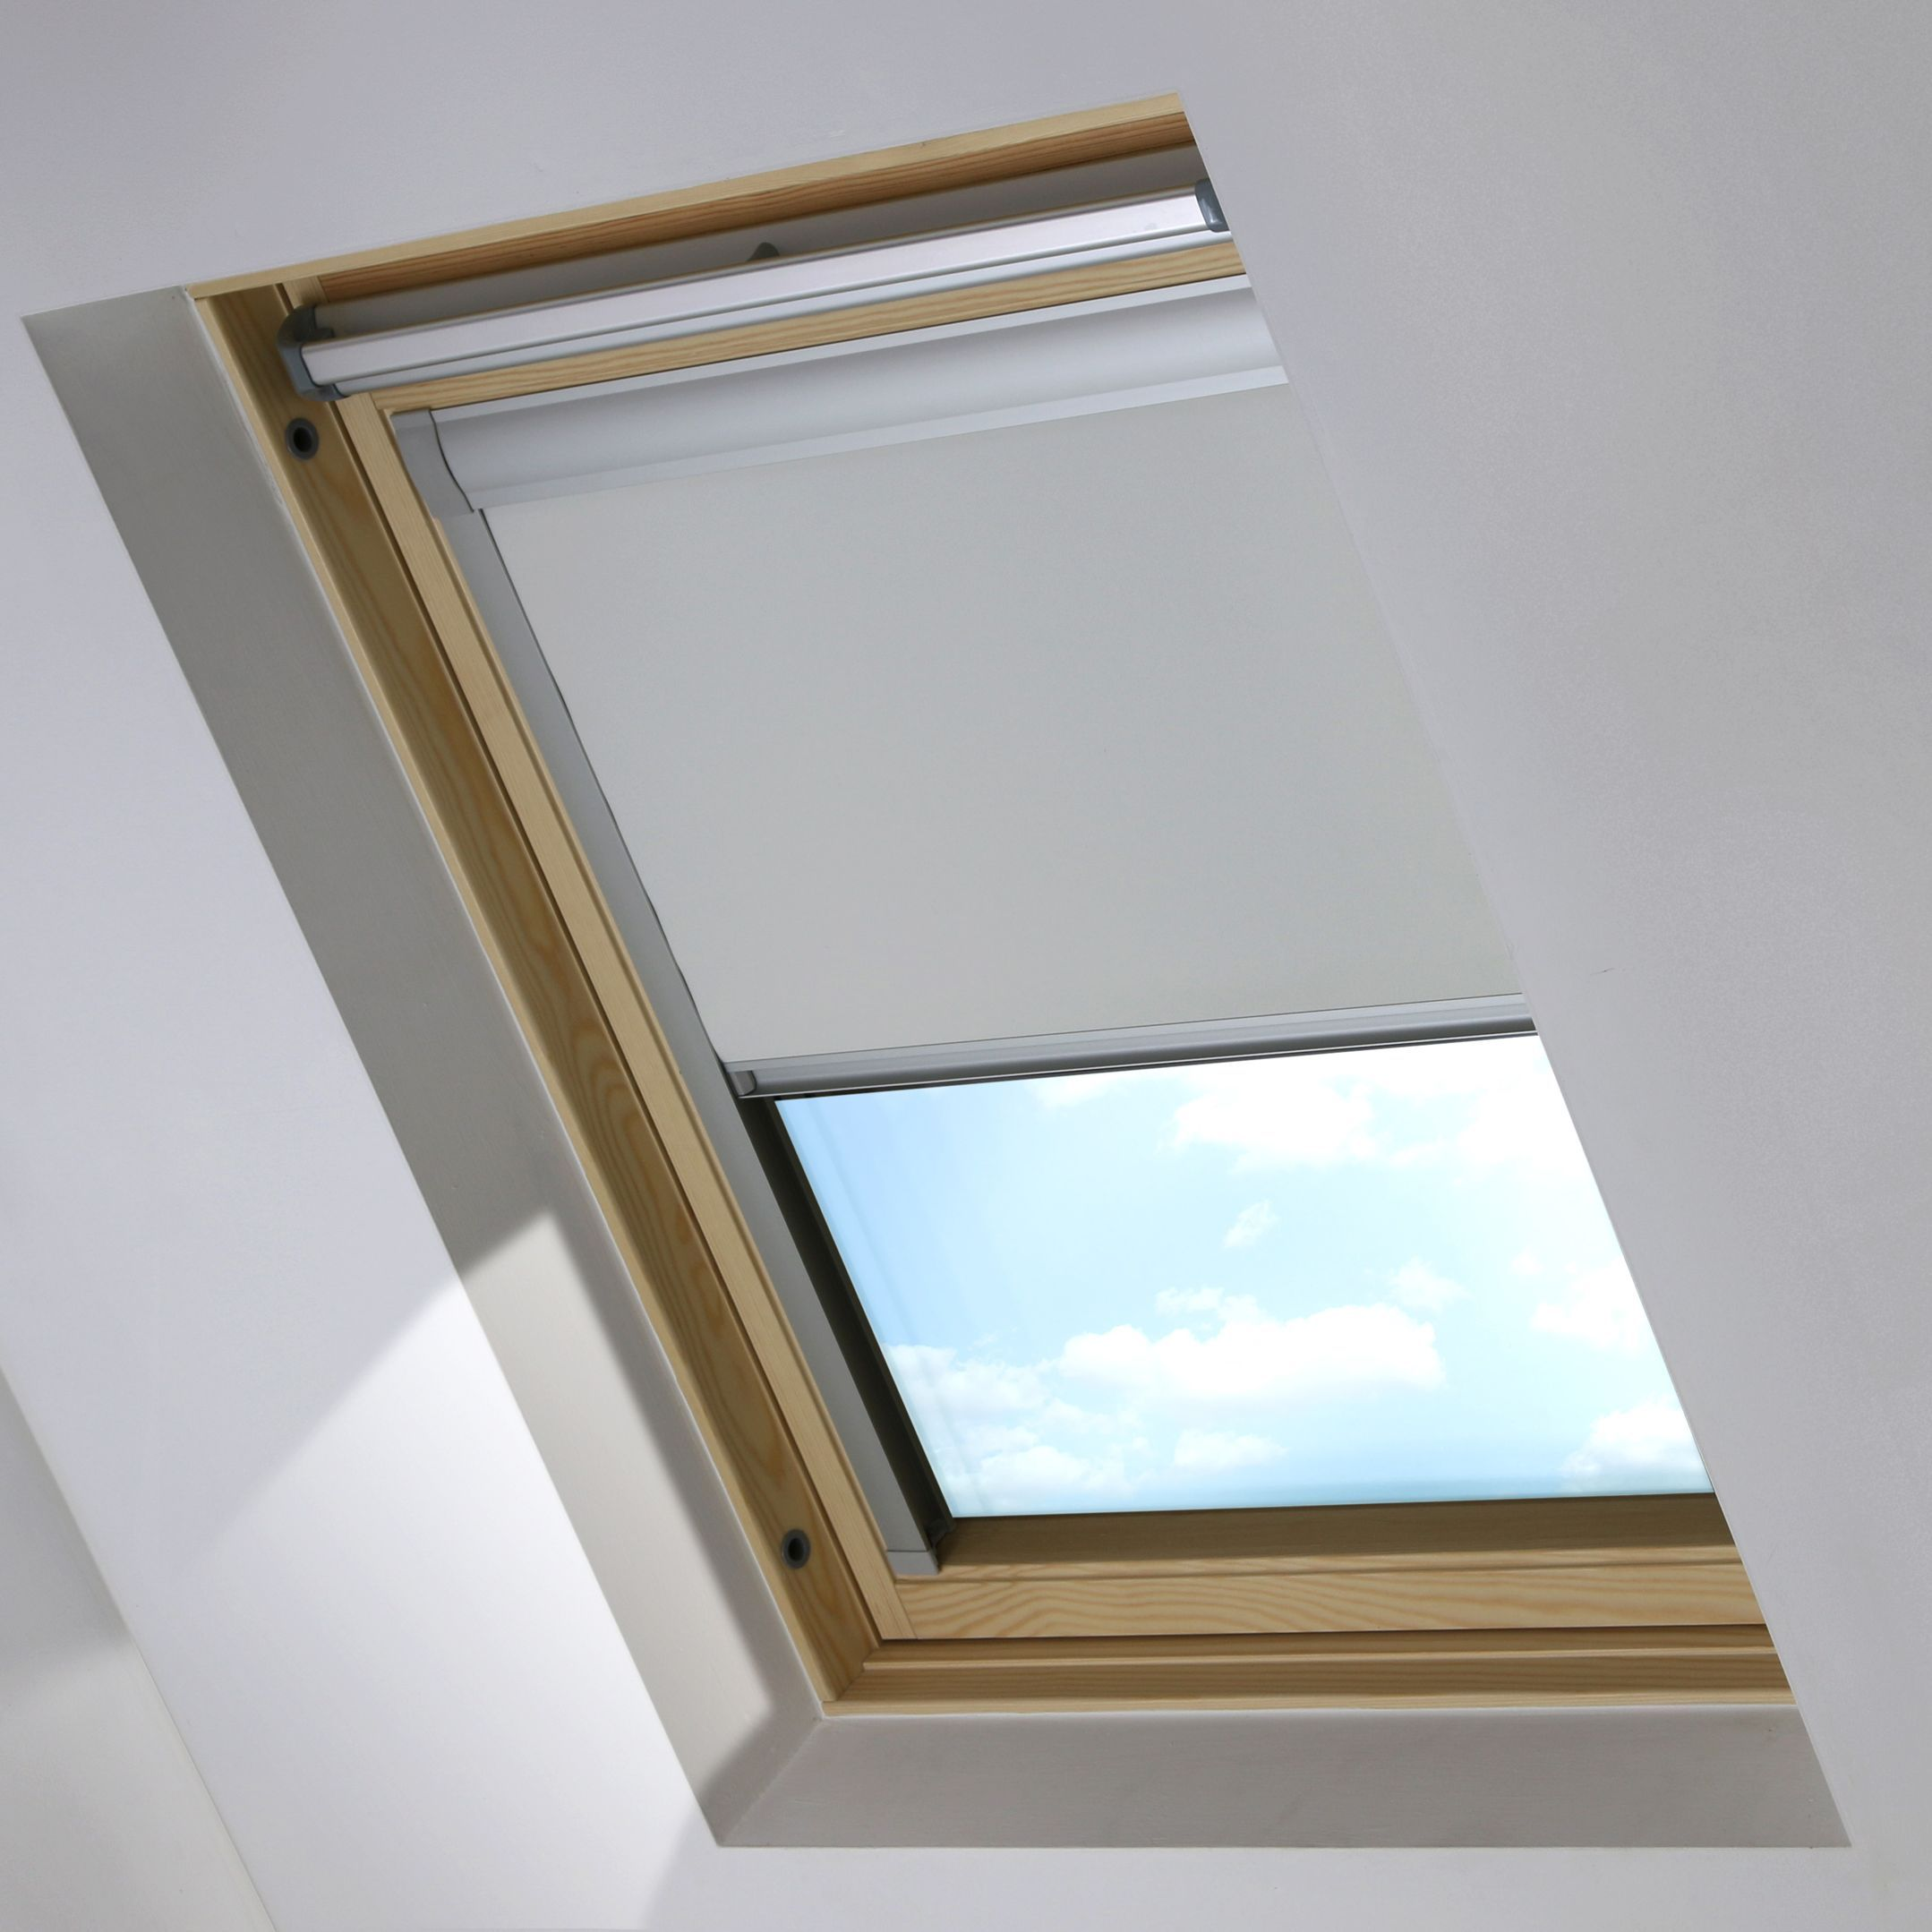 Bloc blackout skylight blind blossom white skylight